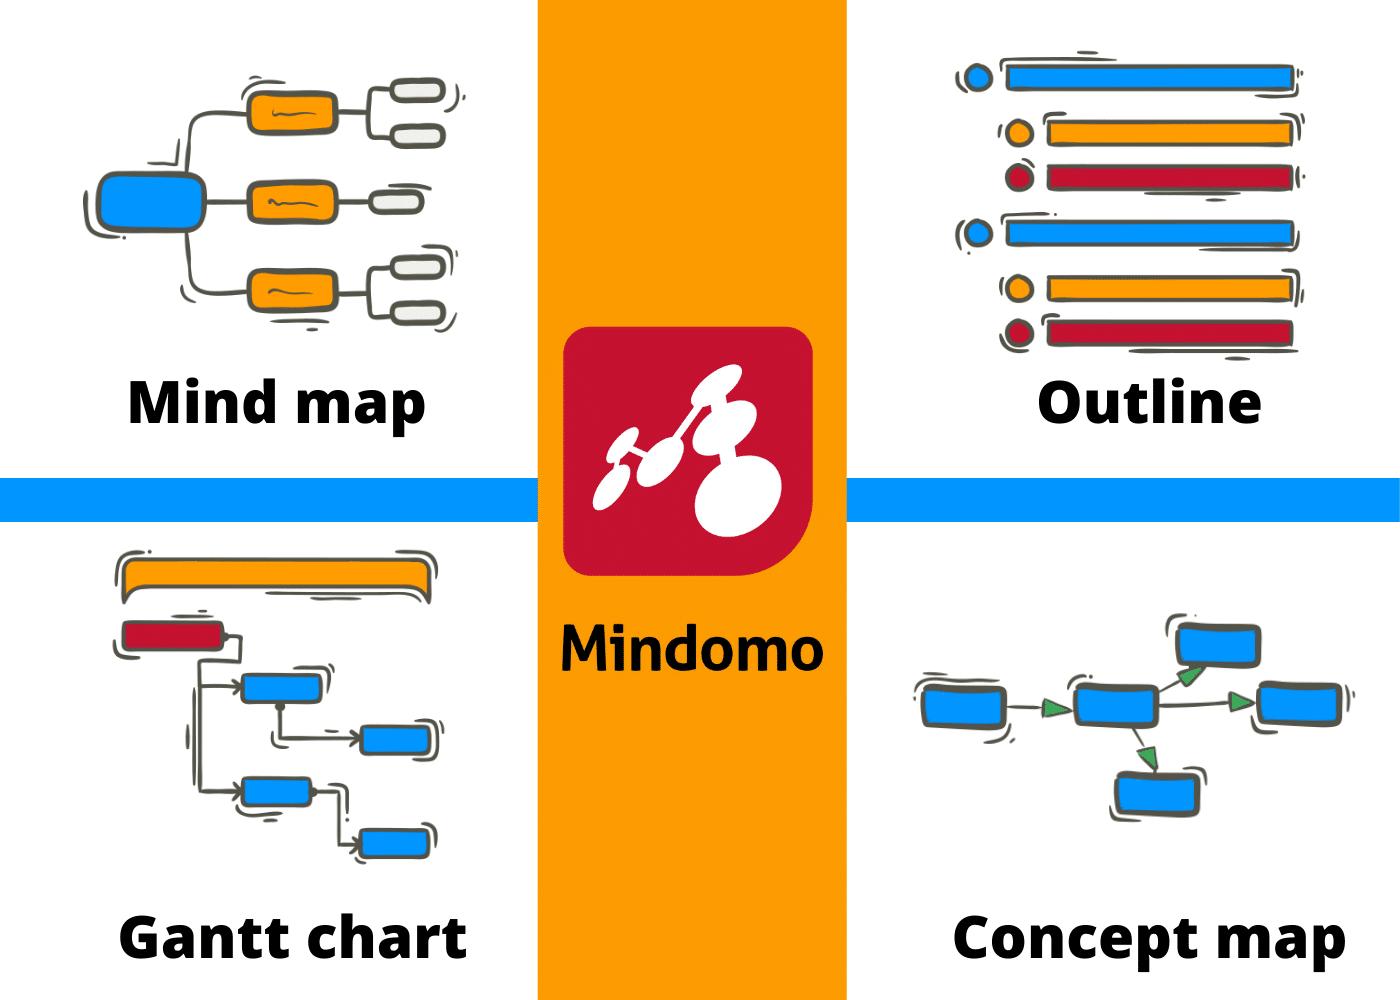 Mindomo products